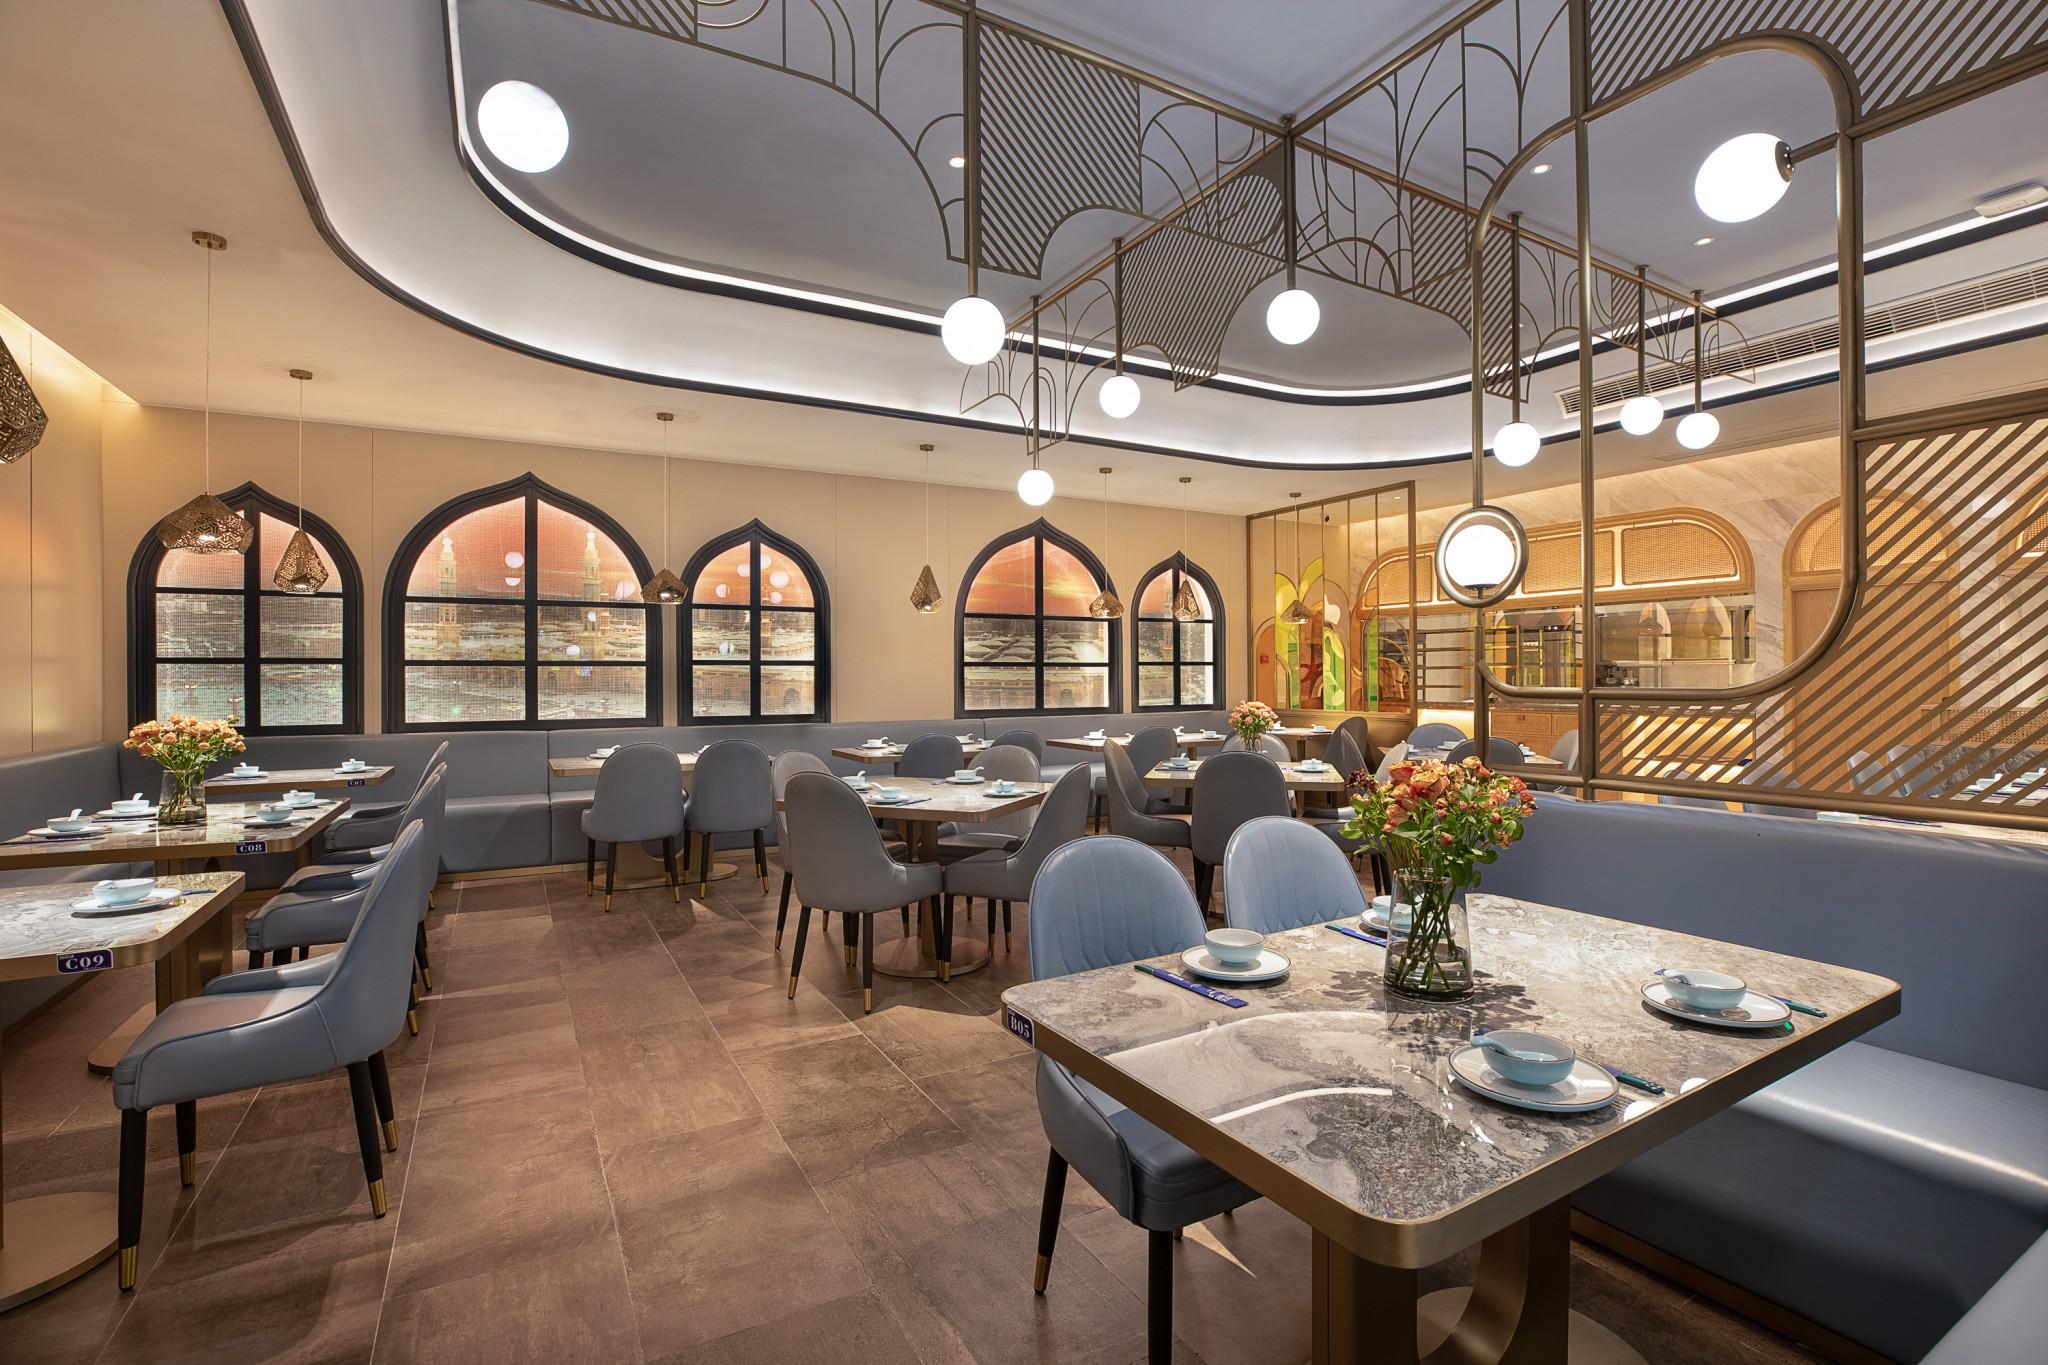 品味回西北菜餐厅设计-杭州餐厅设计-杭州达岸品牌策划设计公司76a827750b2f4341dc2b13d5a0c6caaa